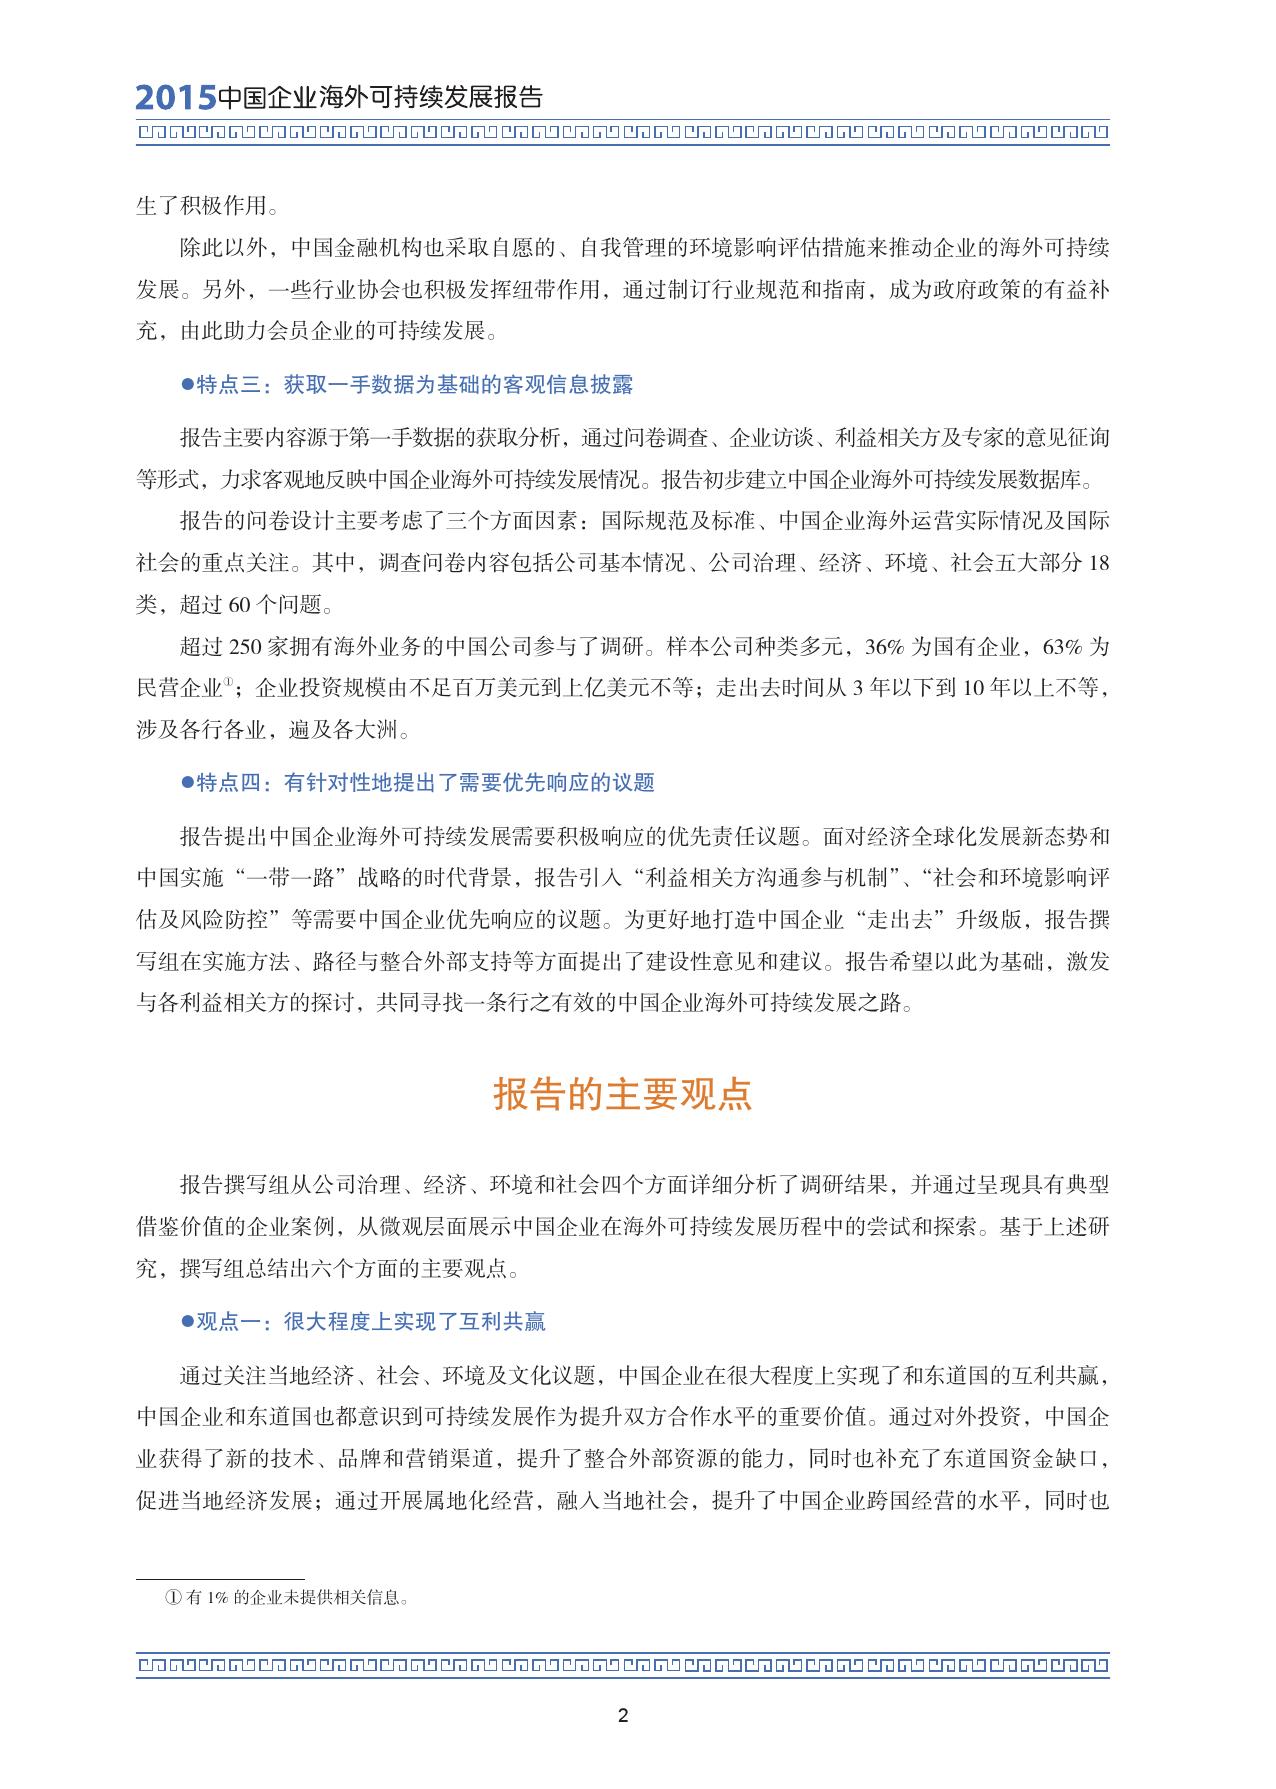 2015中国企业海外可持续发展报告_000005